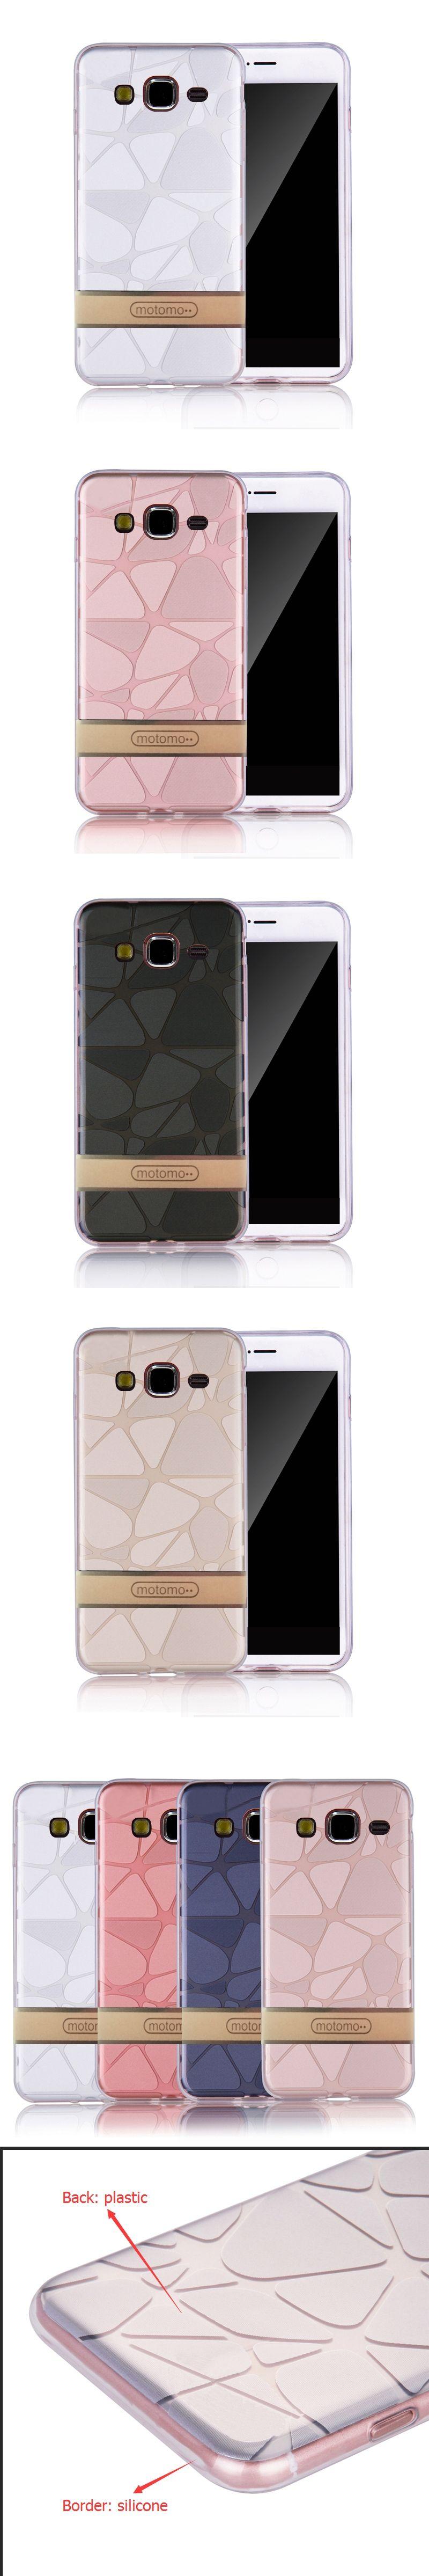 Kainuen Luxury 3d Phone Battery Back Capinhaetuicoquecovercase Baterai Samsung Galaxy Grand Prime G530 For